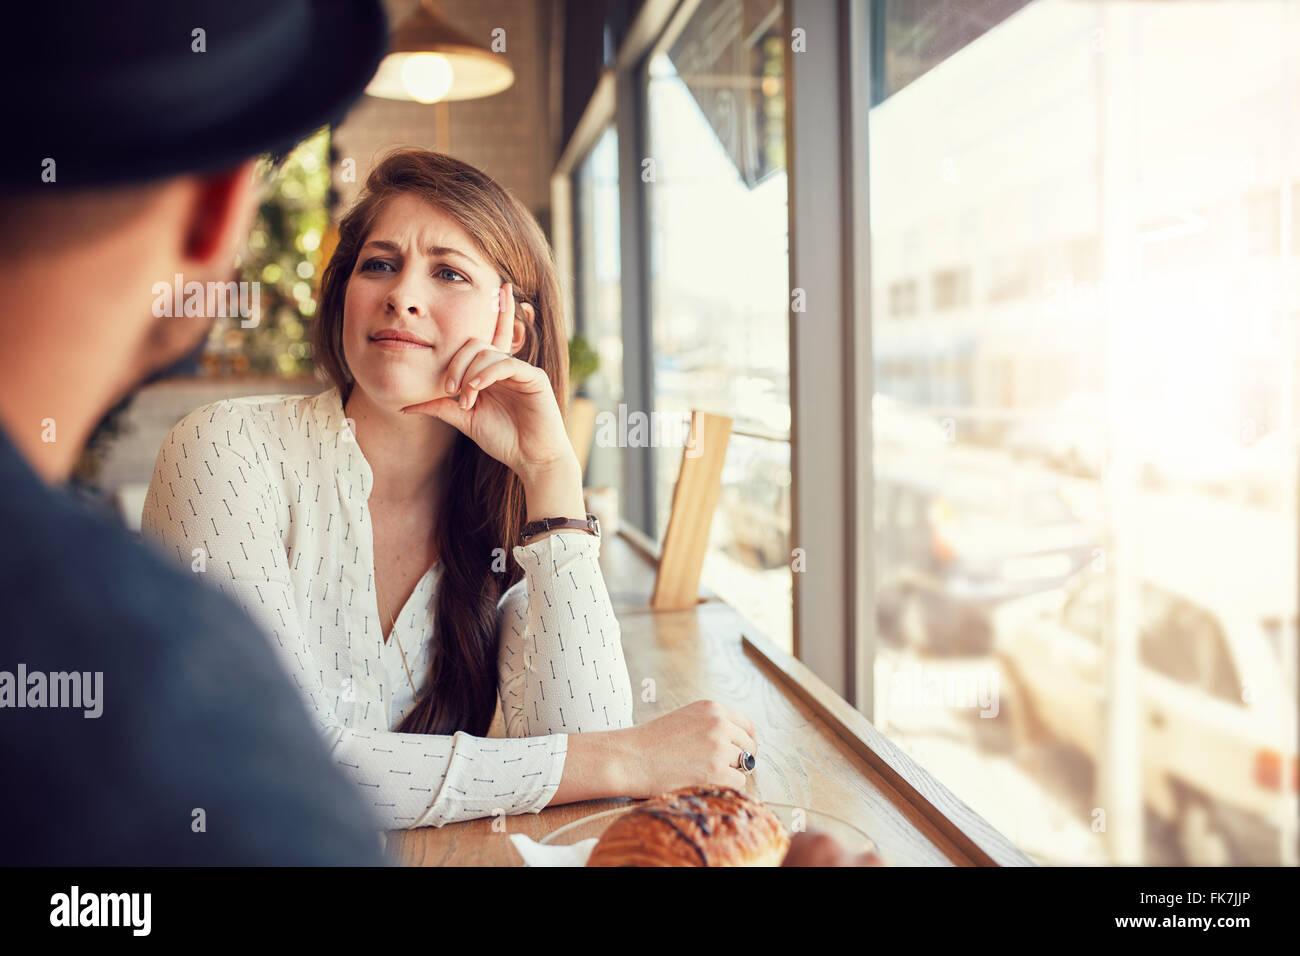 Bella giovane donna seduta in un bar e guardare il suo fidanzato. Coppia giovane presso la caffetteria. Immagini Stock